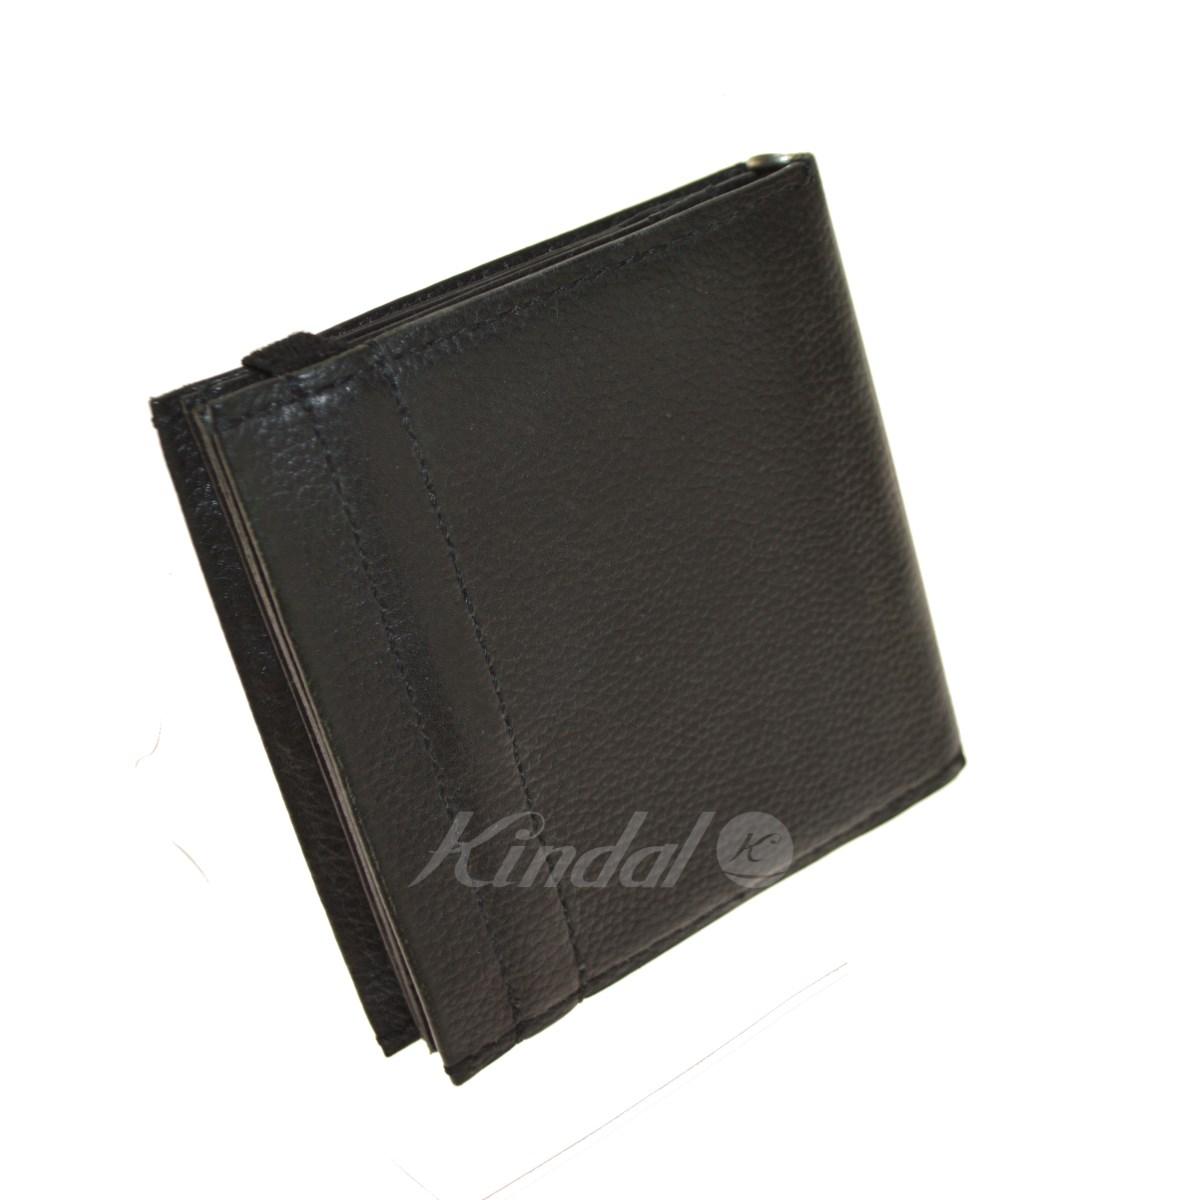 【中古】ED ROBERT JUDSON BUND HALF WALLET レザー二つ折り財布 ブラック 【送料無料】 【281018】(エドロバートジャドソン)